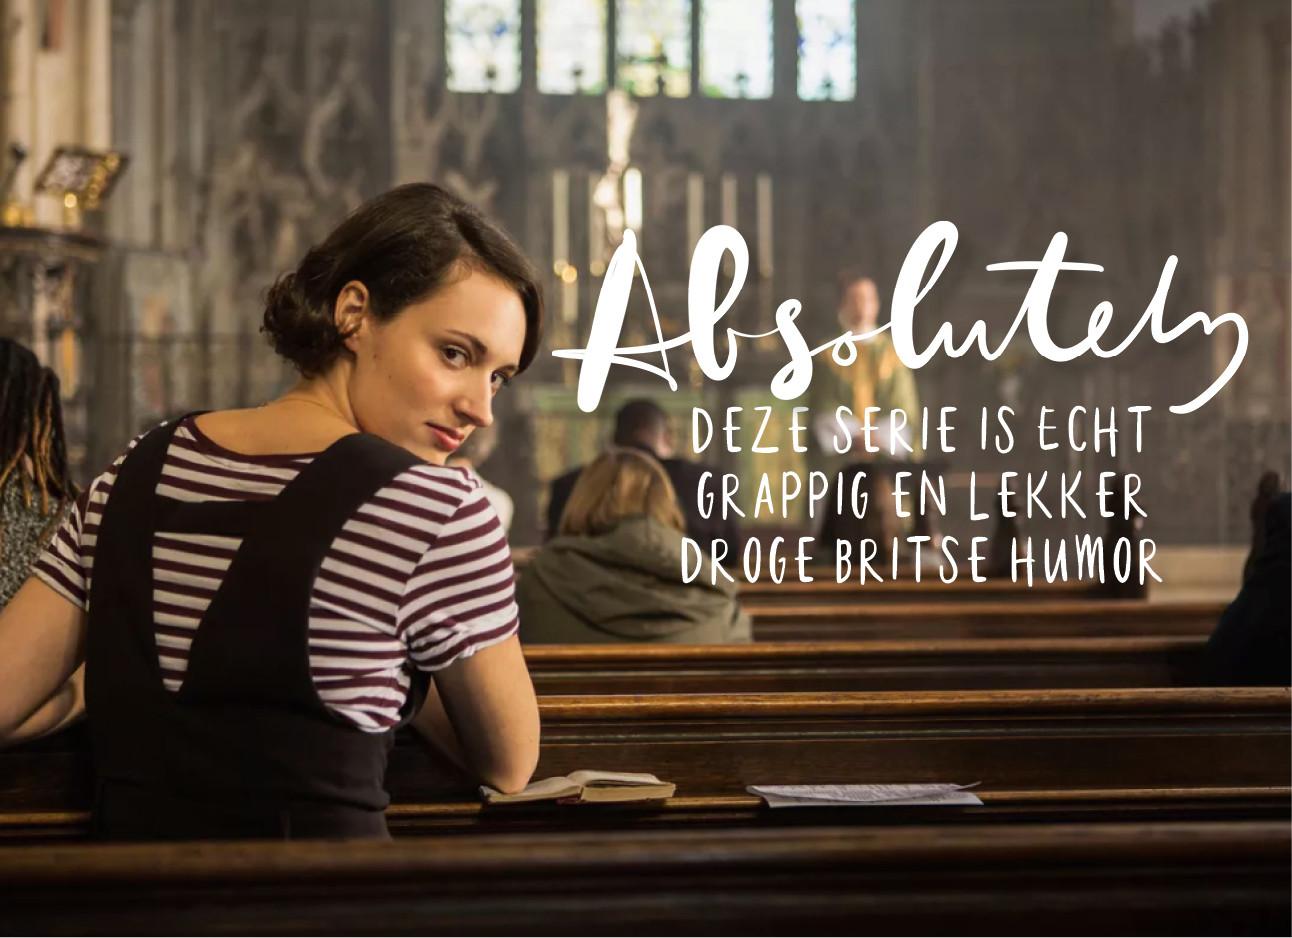 Meisje die in een kerk zit en achterom kijkt